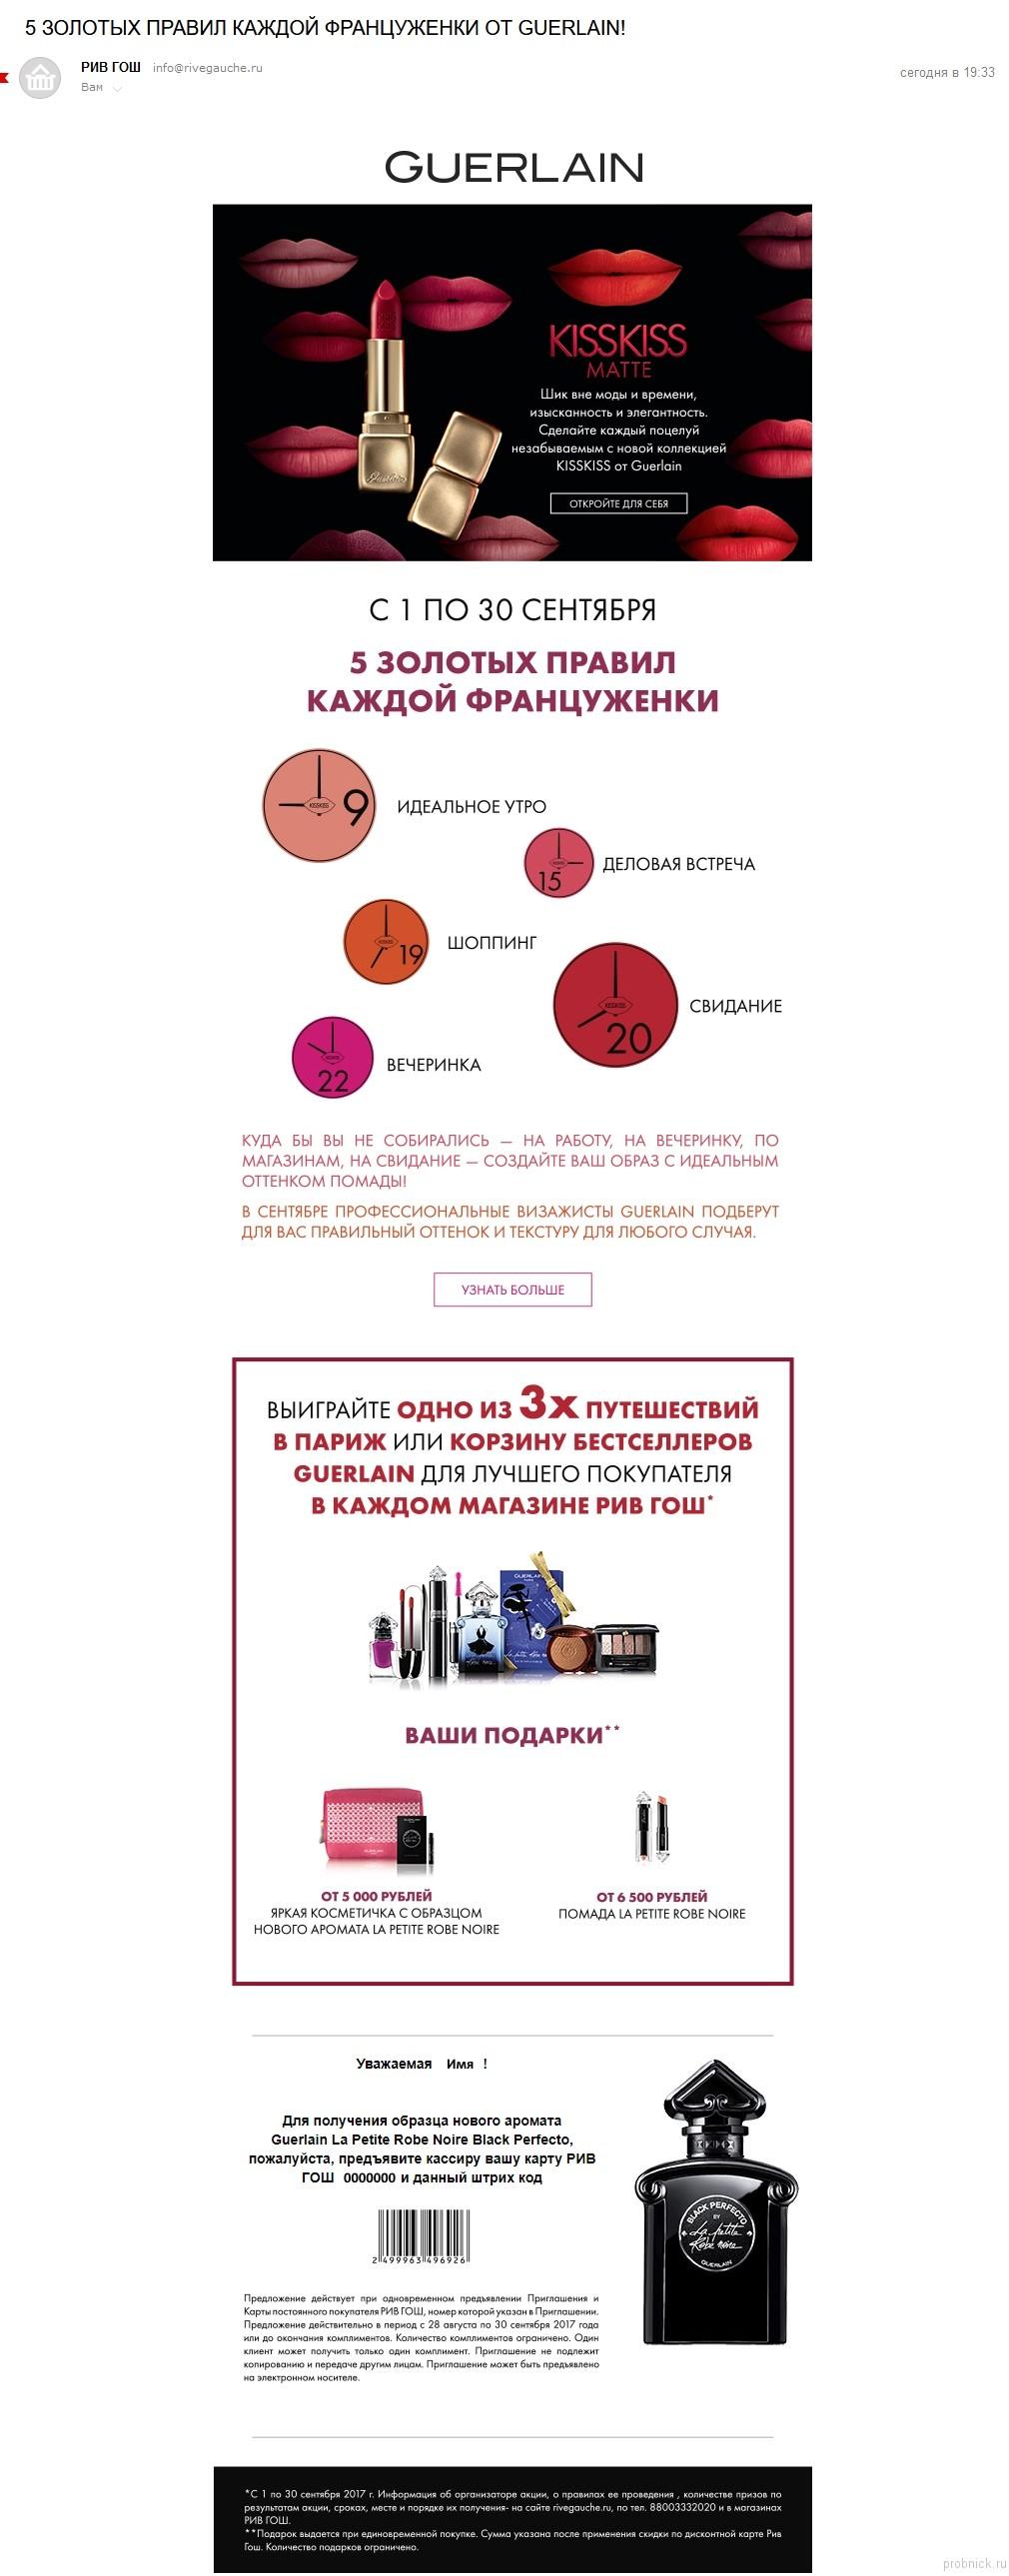 Подарок с покупкой РИВ ГОШ - сеть магазинов косметики и 9